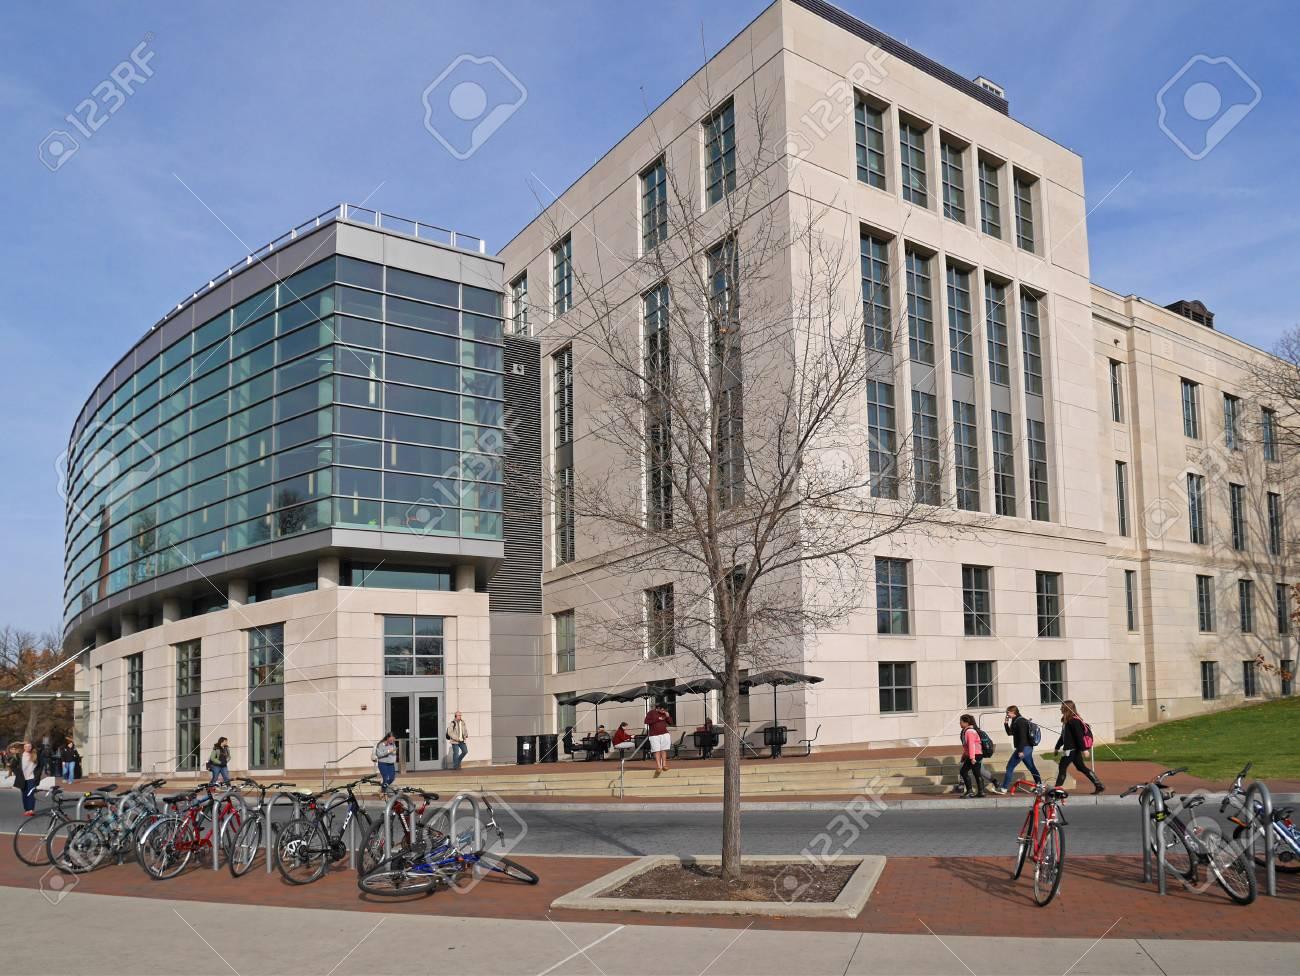 COLUMBUS OHIO USA Ohio State University Is One Of - Largest university in usa